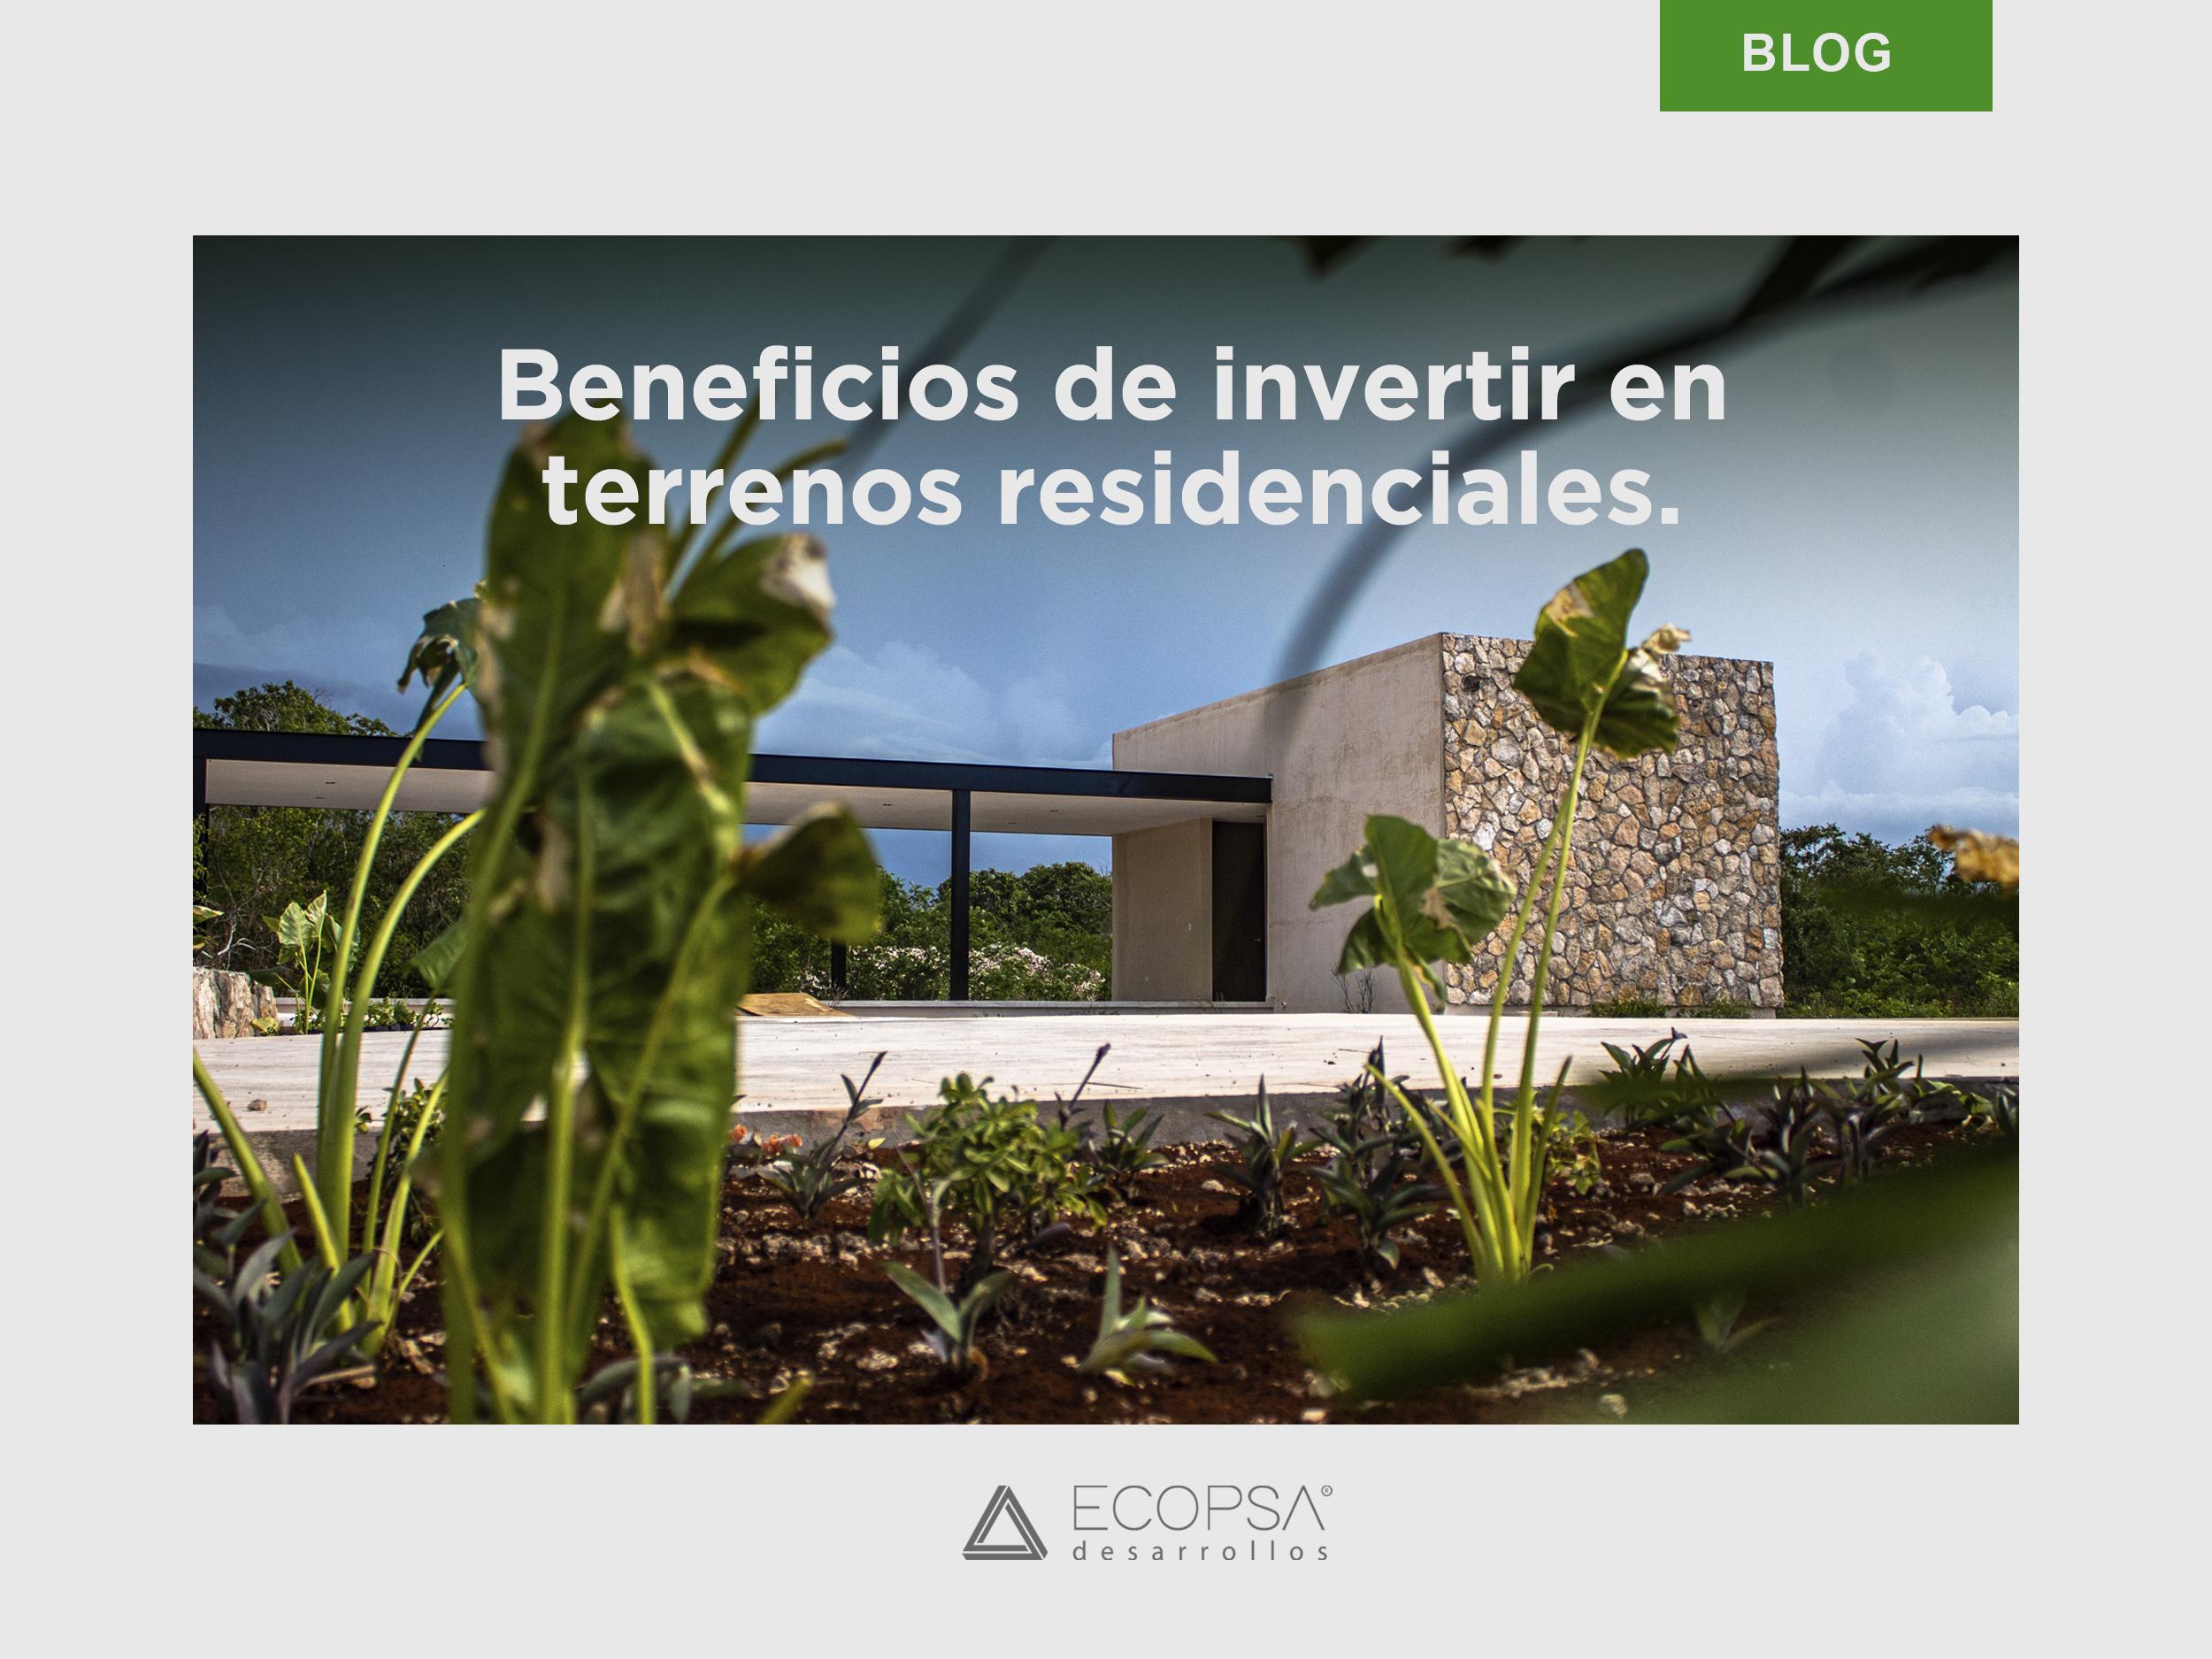 Beneficios de invertir en terrenos residenciales